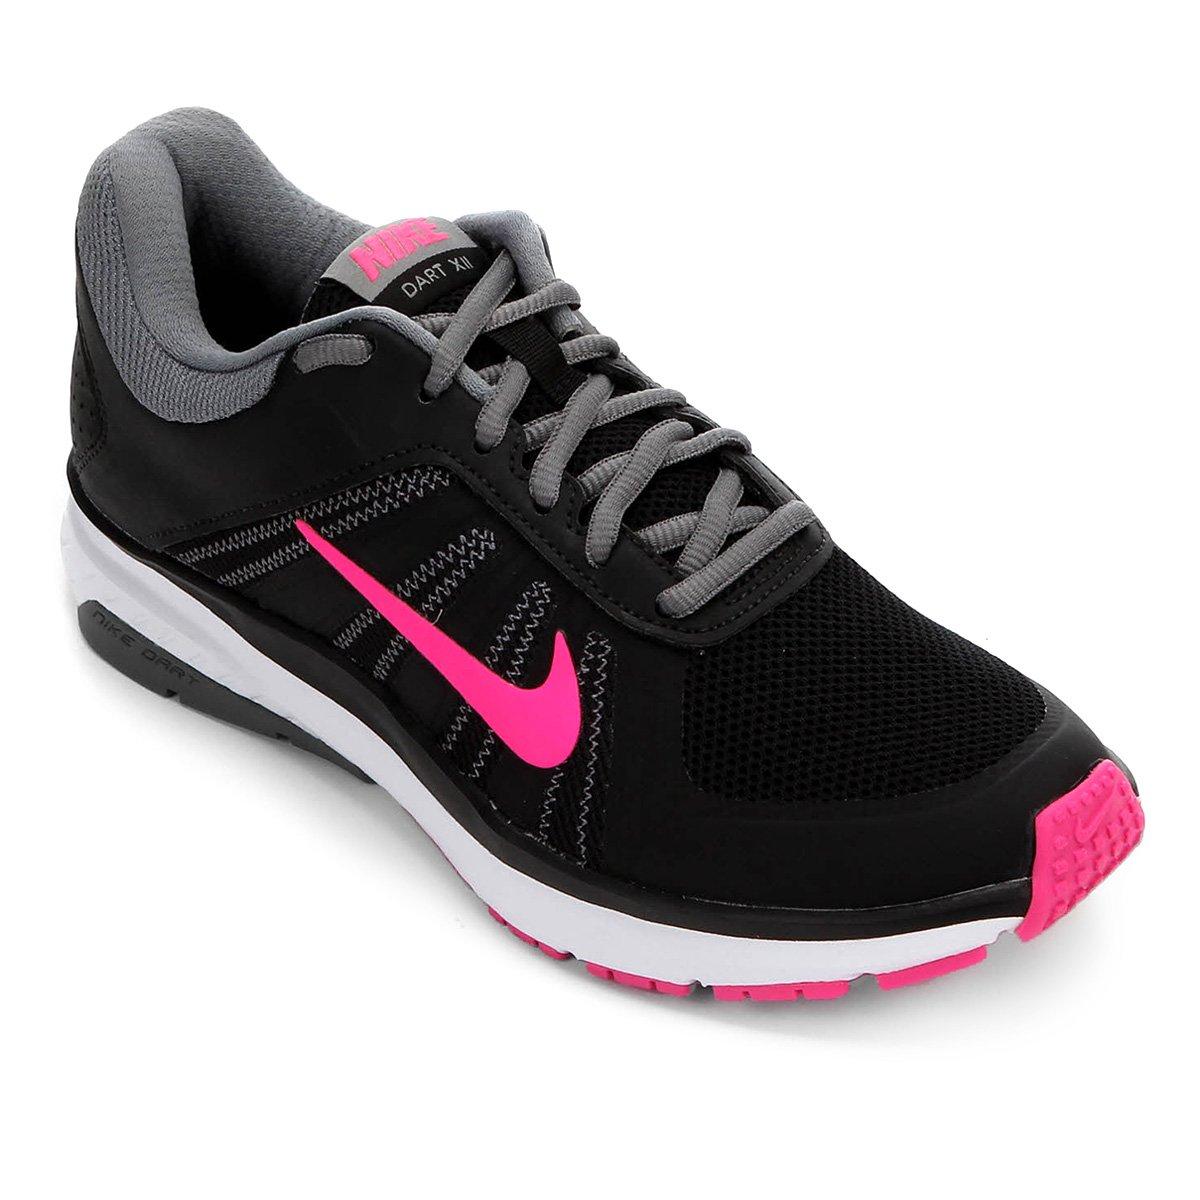 b0610109c9894 Tênis Nike Dart 12 MSL Feminino - Preto e Pink - Compre Agora